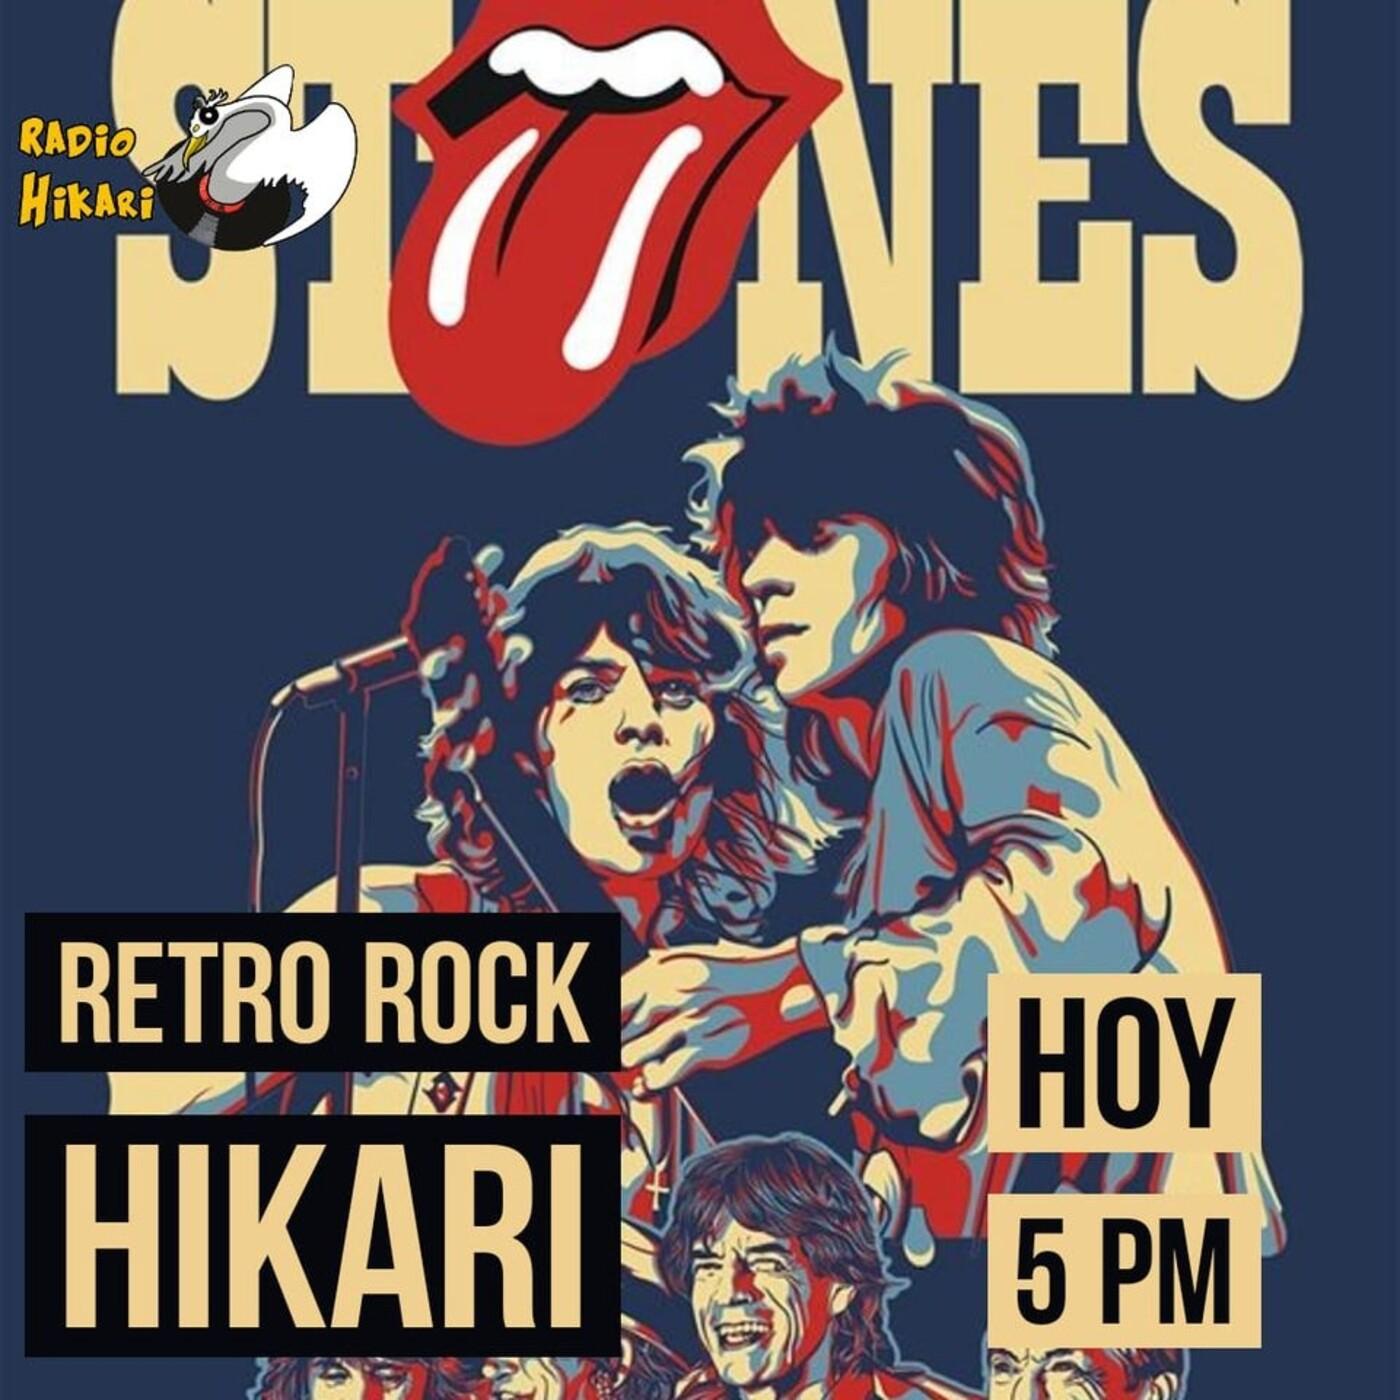 Retro Rock Hikari: Especial Rolling Stones